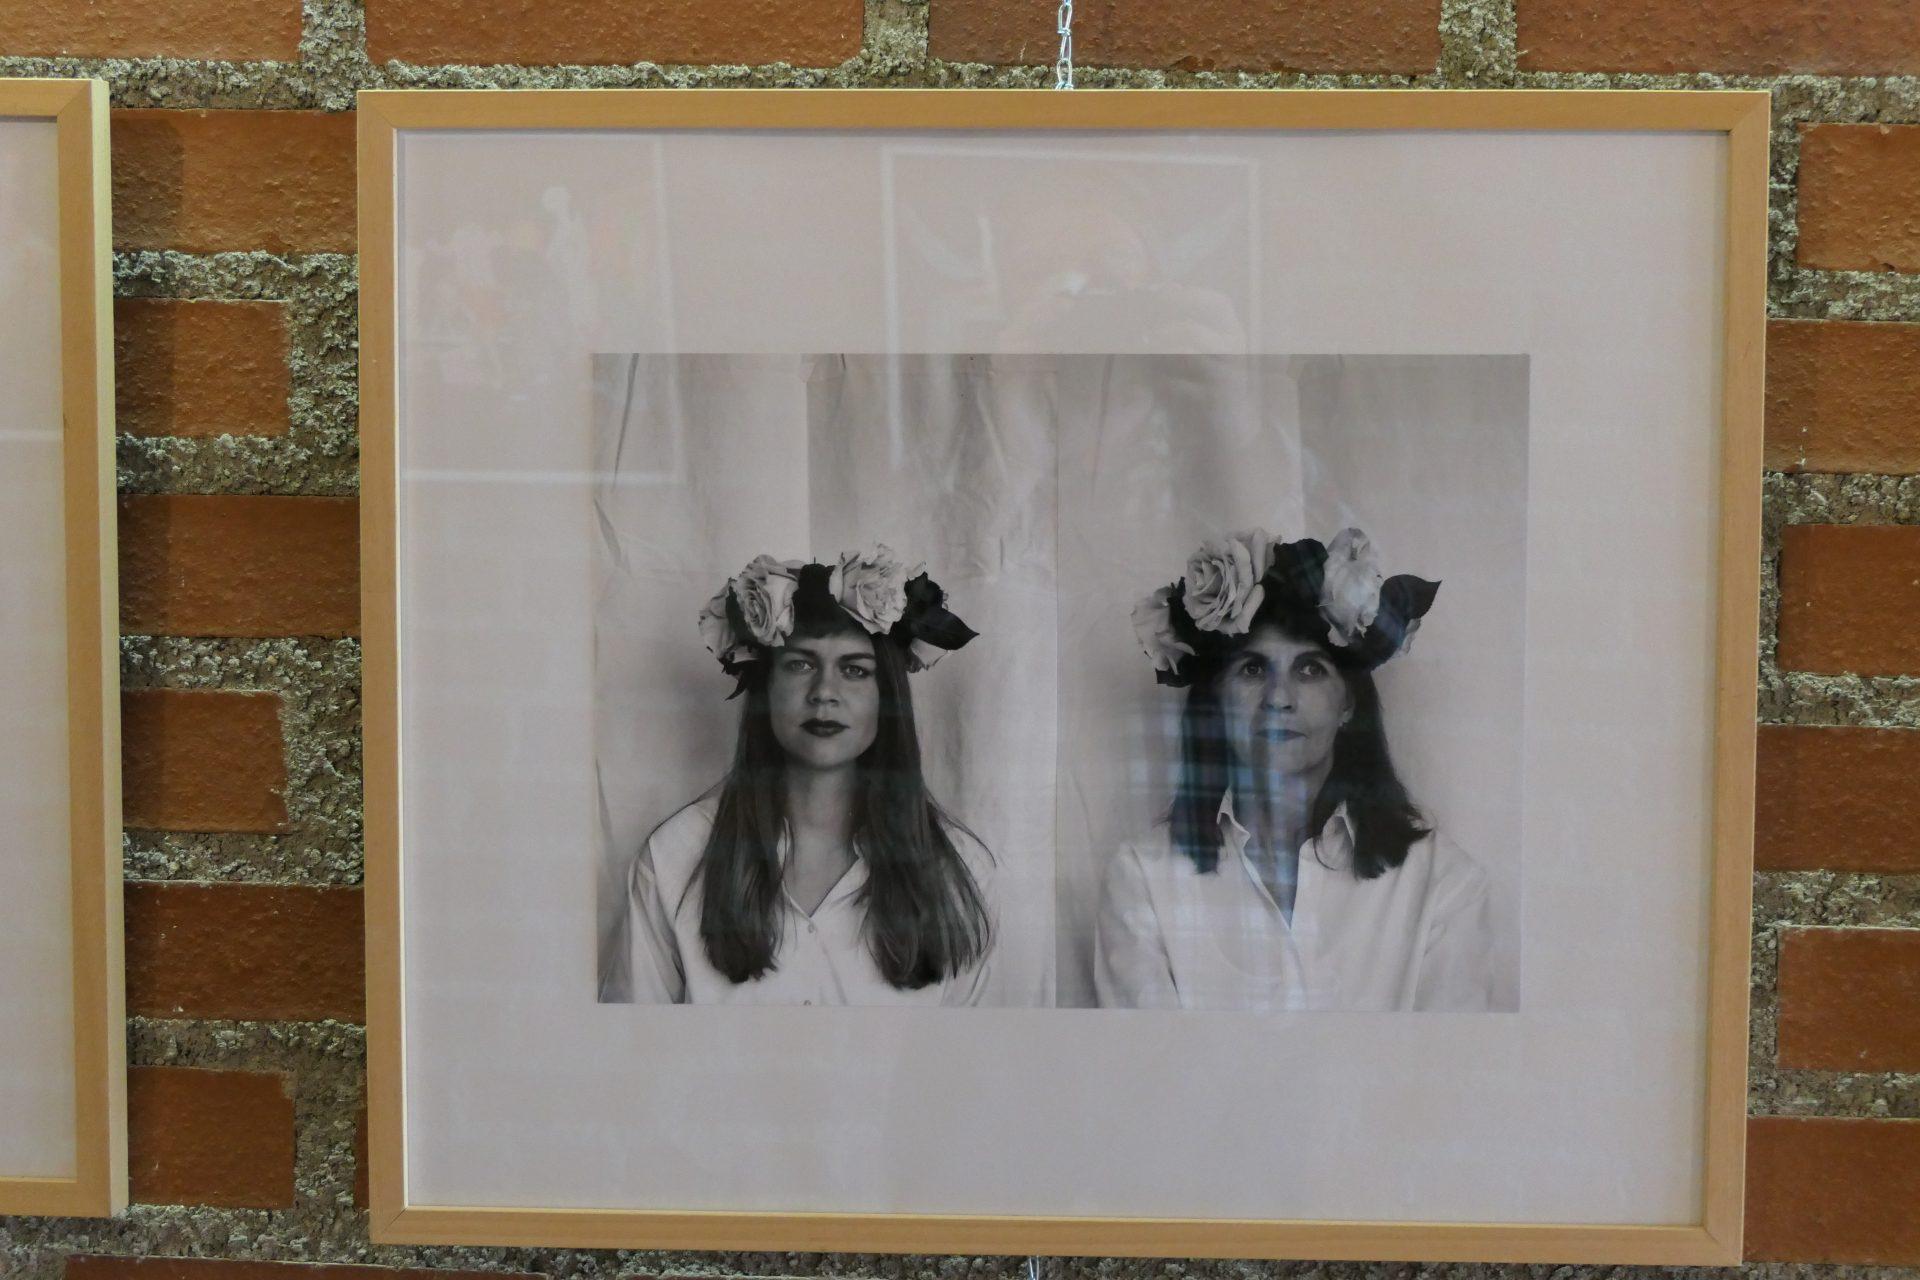 female die Rollenbilder einer Frau, Bräute von Gruppe Birgit Röhrig Gemeinschaftsprojekt mit Danile und Carola Röhrig, Töchter, Fotoserie mit SW Fotografien.jpgJPG